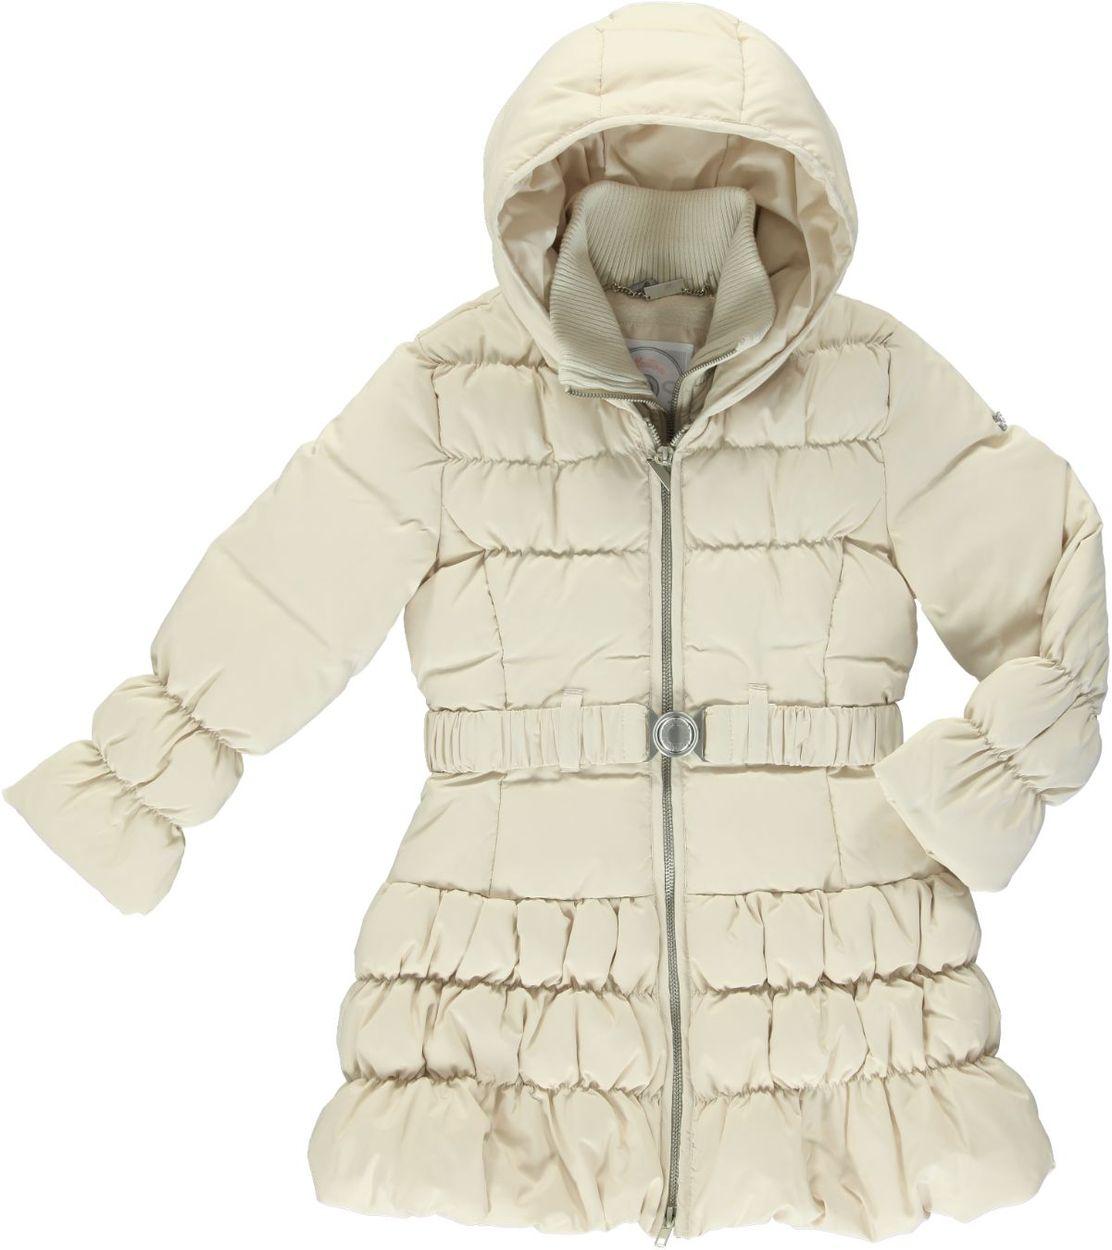 nuovo stile cfe80 a97fc Giubbotti bambina - Shopping Acquea